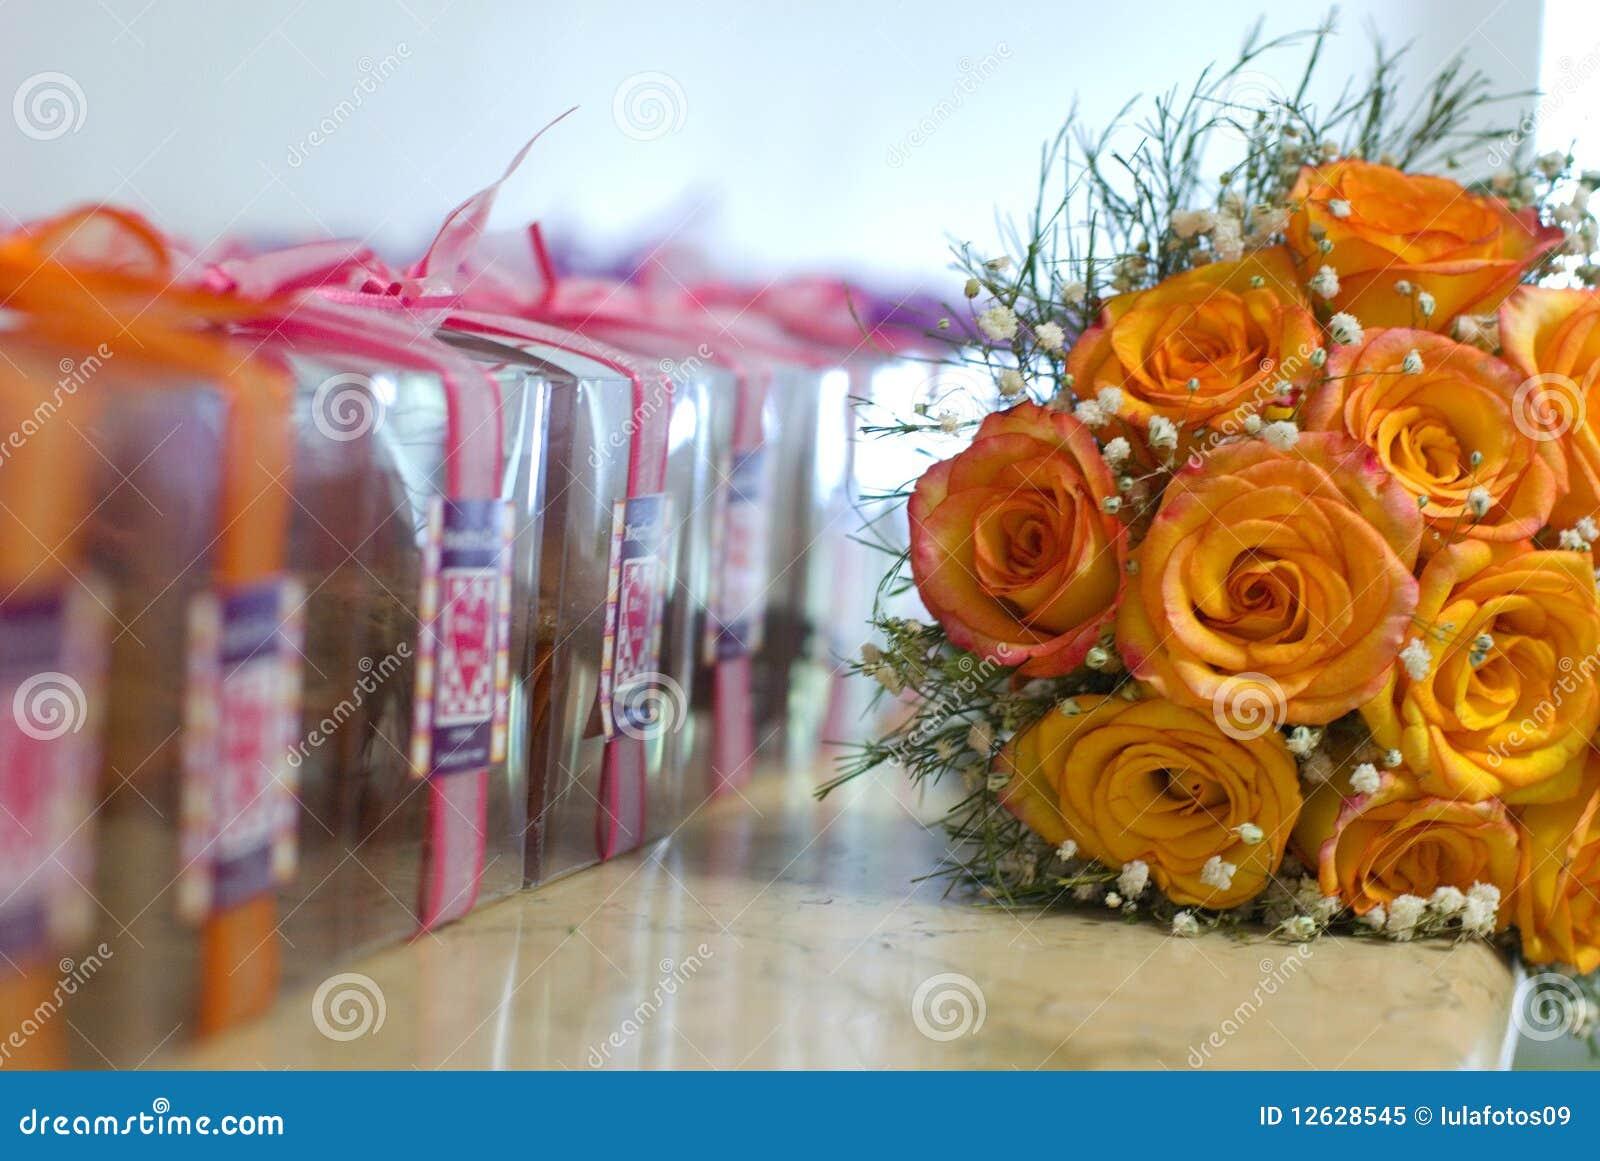 Fleurs et cadeaux photo libre de droits image 12628545 for Fleurs et cadeaux